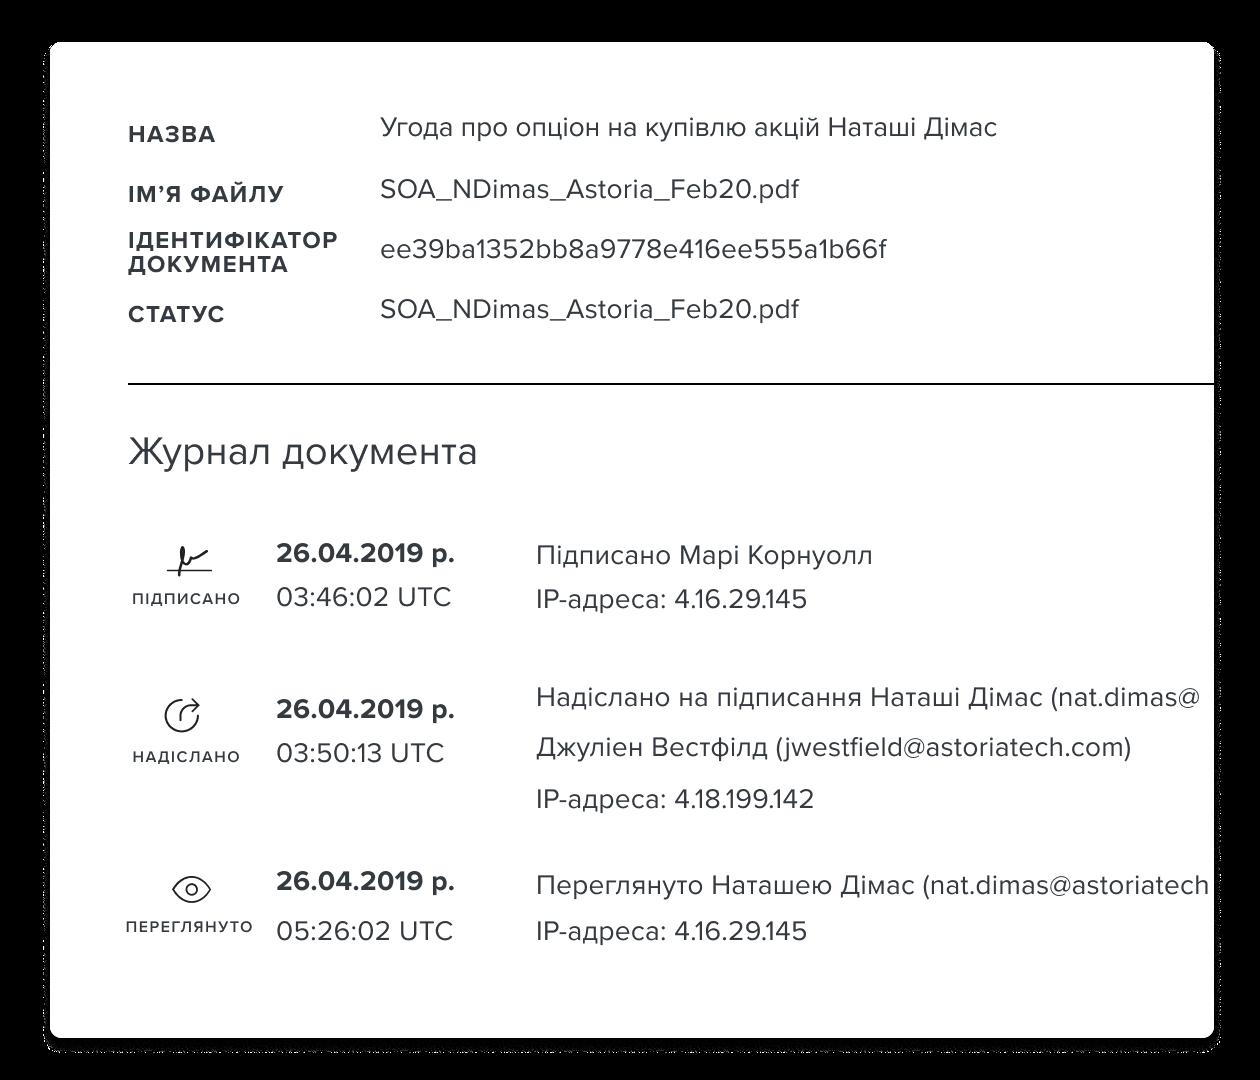 Скріншот контрольного журналу документів HelloSign